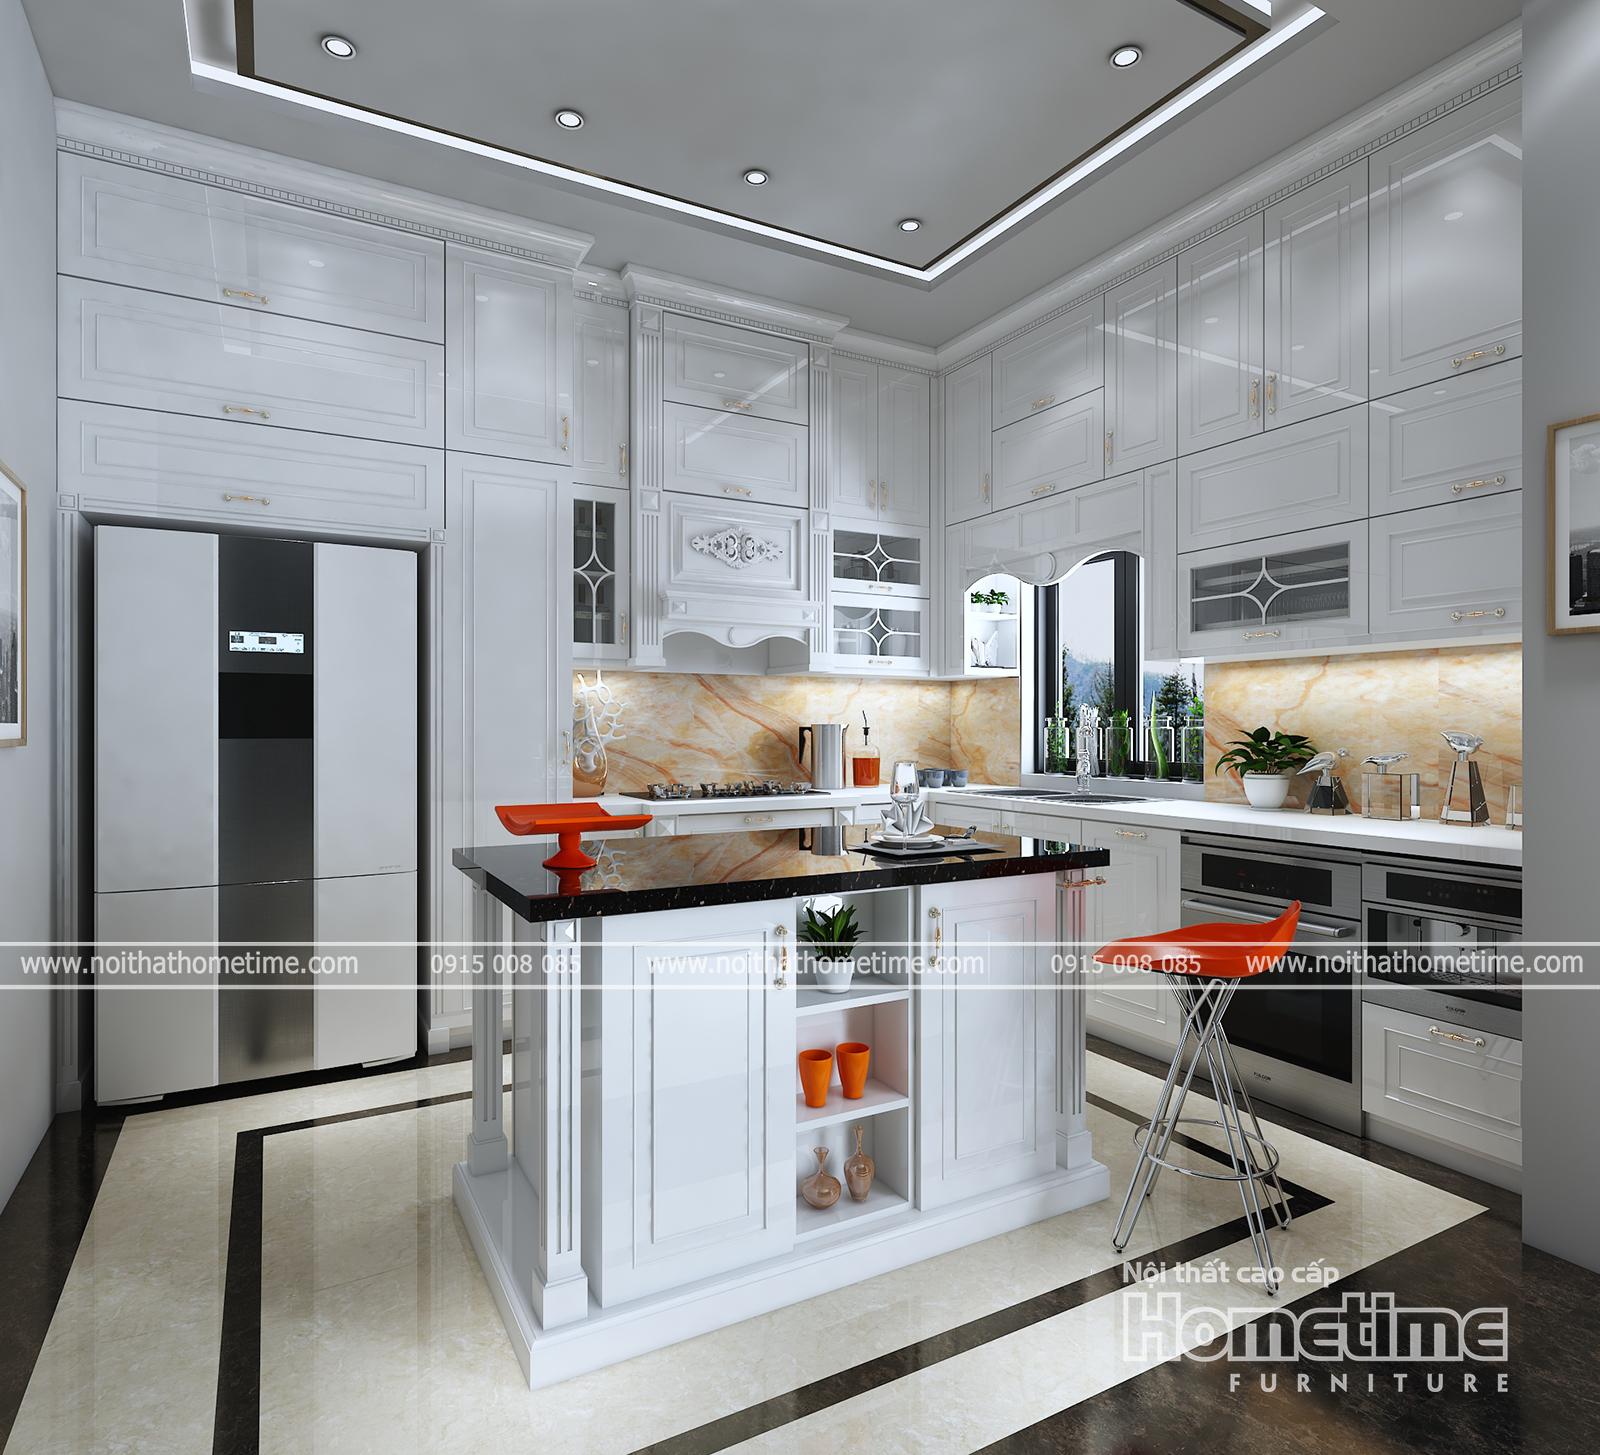 Hình ảnh tổng quan về tủ bếp tân cổ điển nhà chị Linh Hoàng Huy